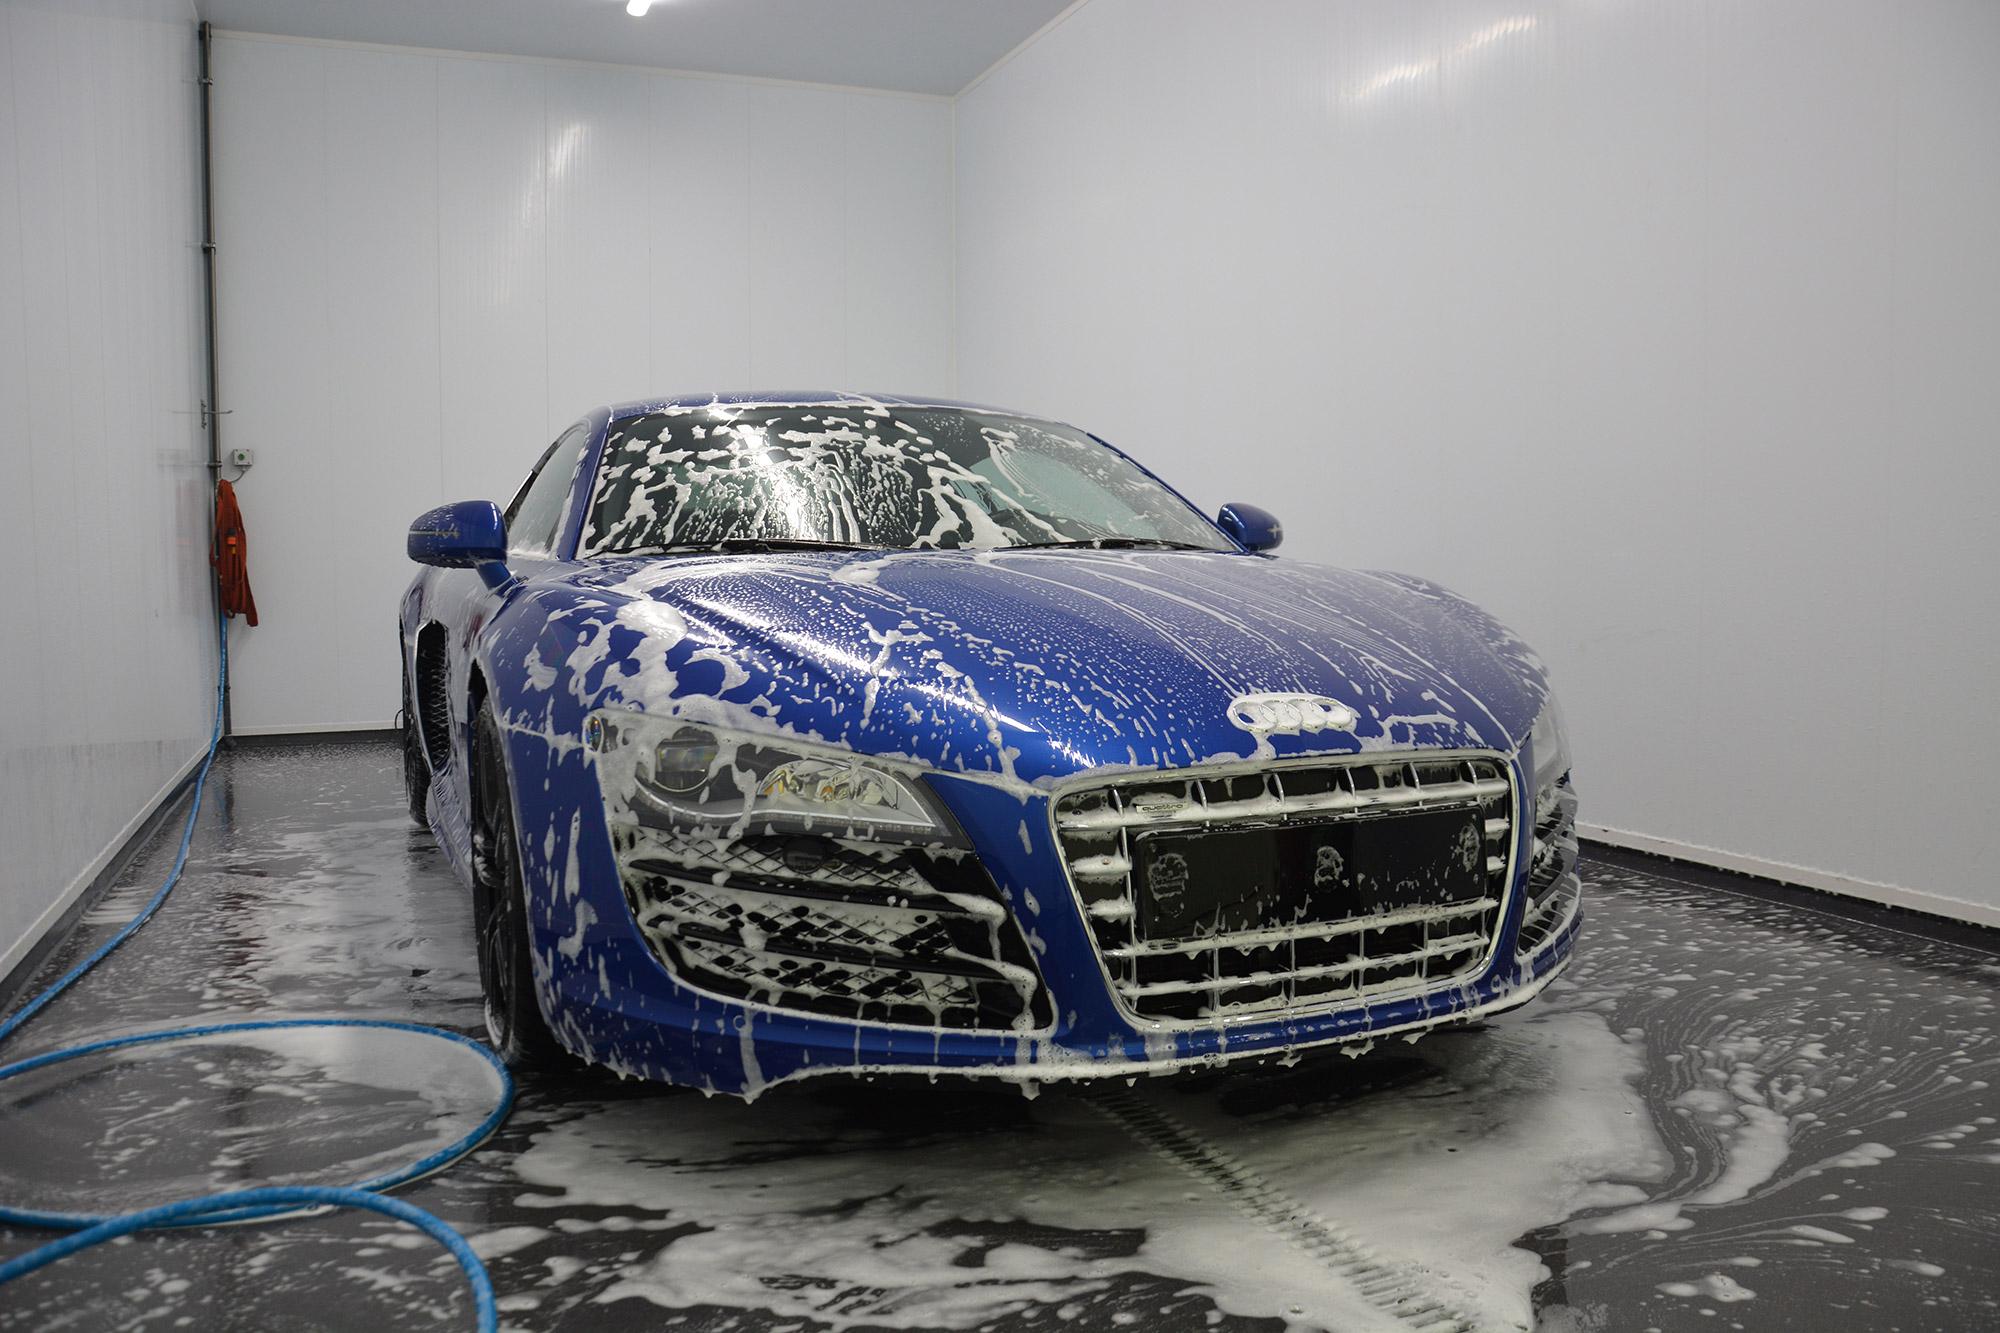 mở tiem rửa xe ô tô tại TP. HCM